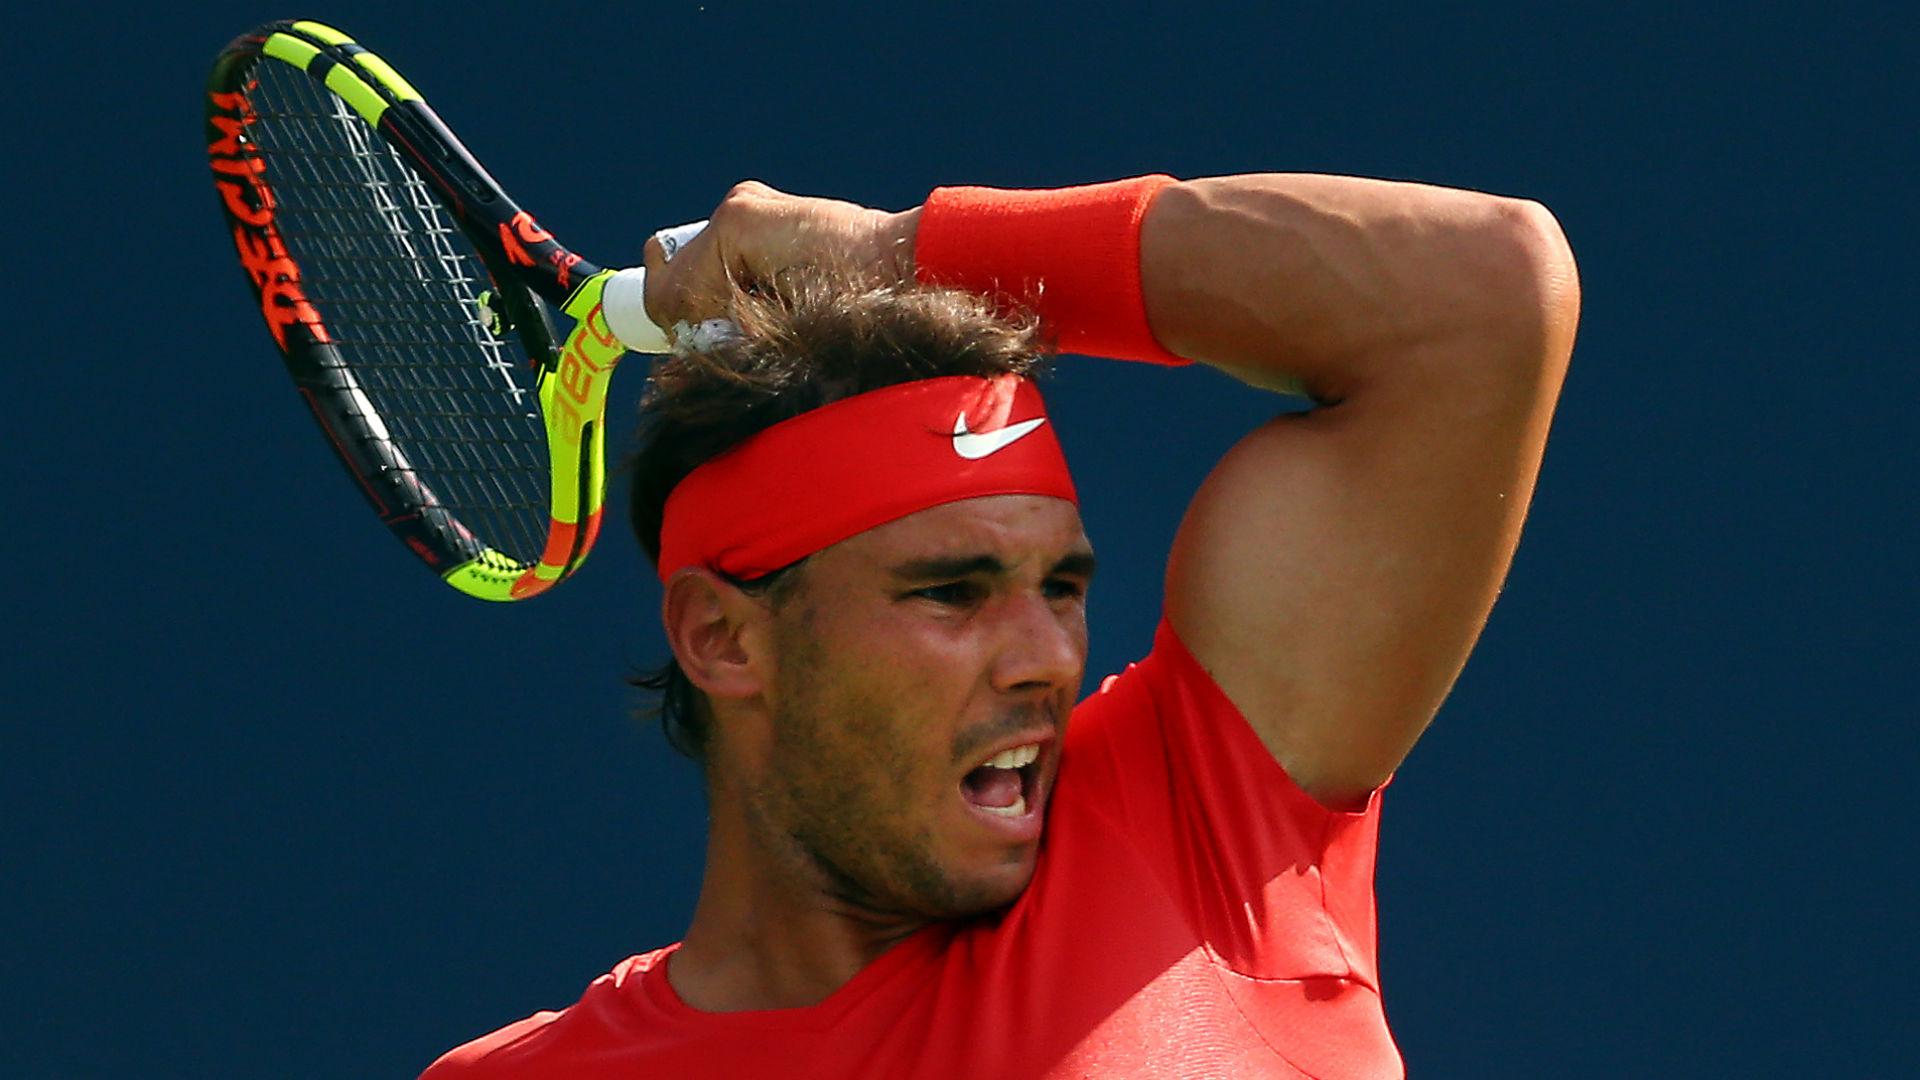 Rafael Nadal News: Rafael Nadal Withdraws Cincinnati Masters